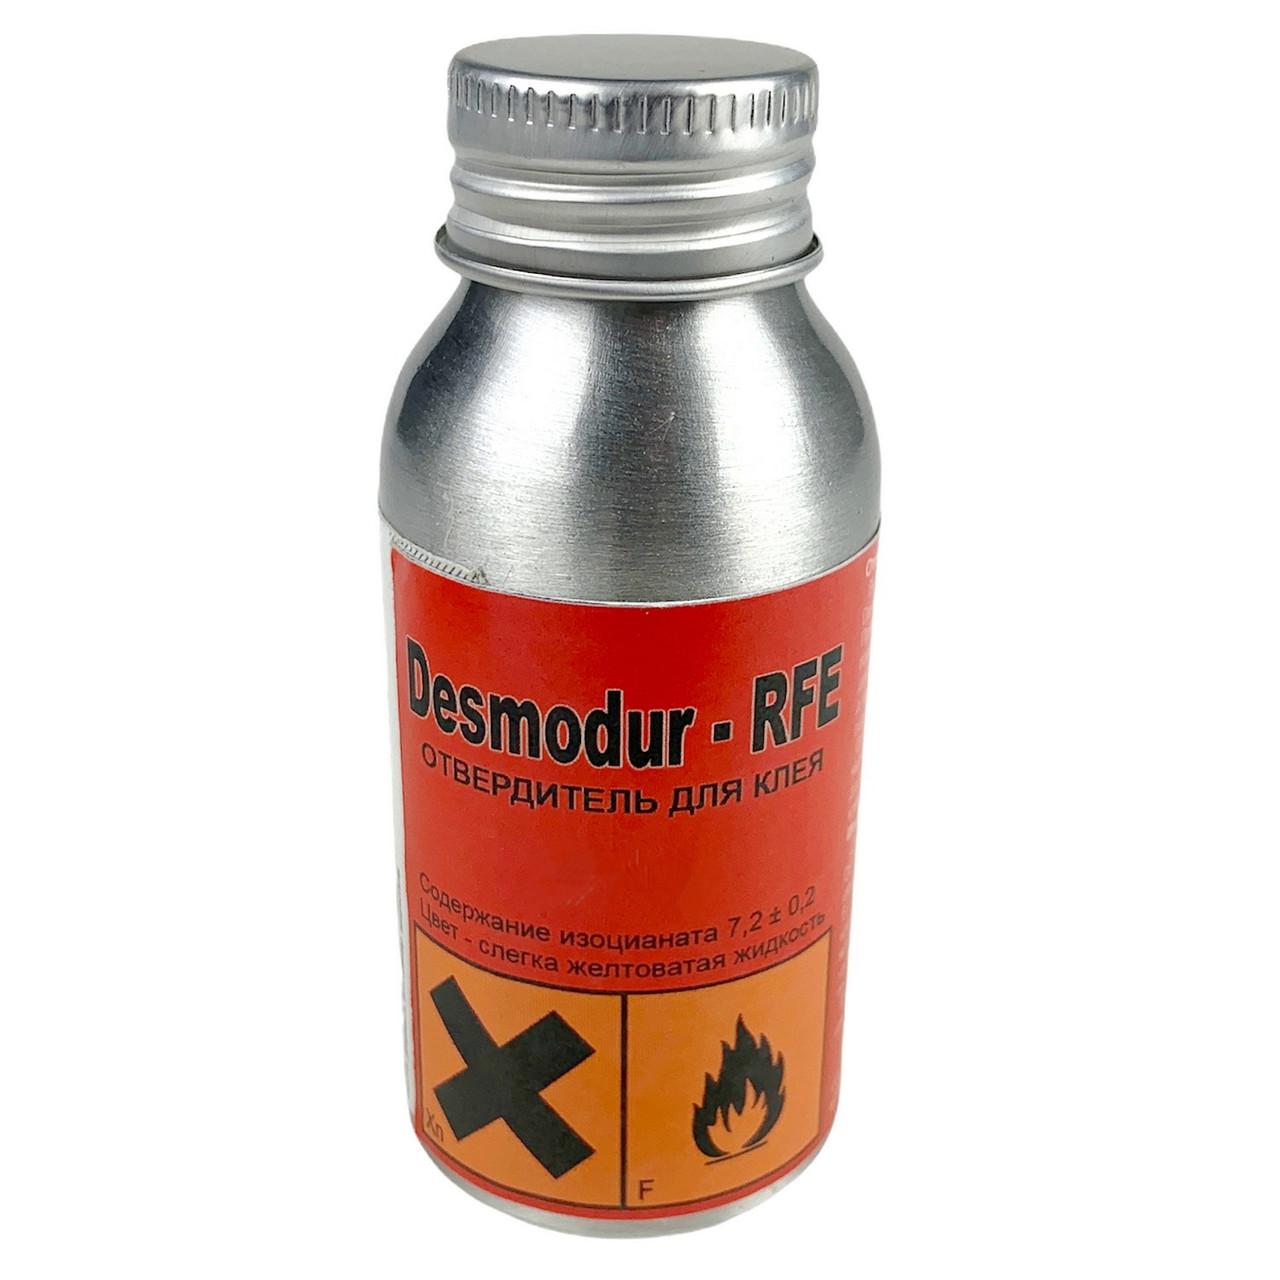 Отвердитель для клея полиизоционат Desmodur RFE, 50мл Германия